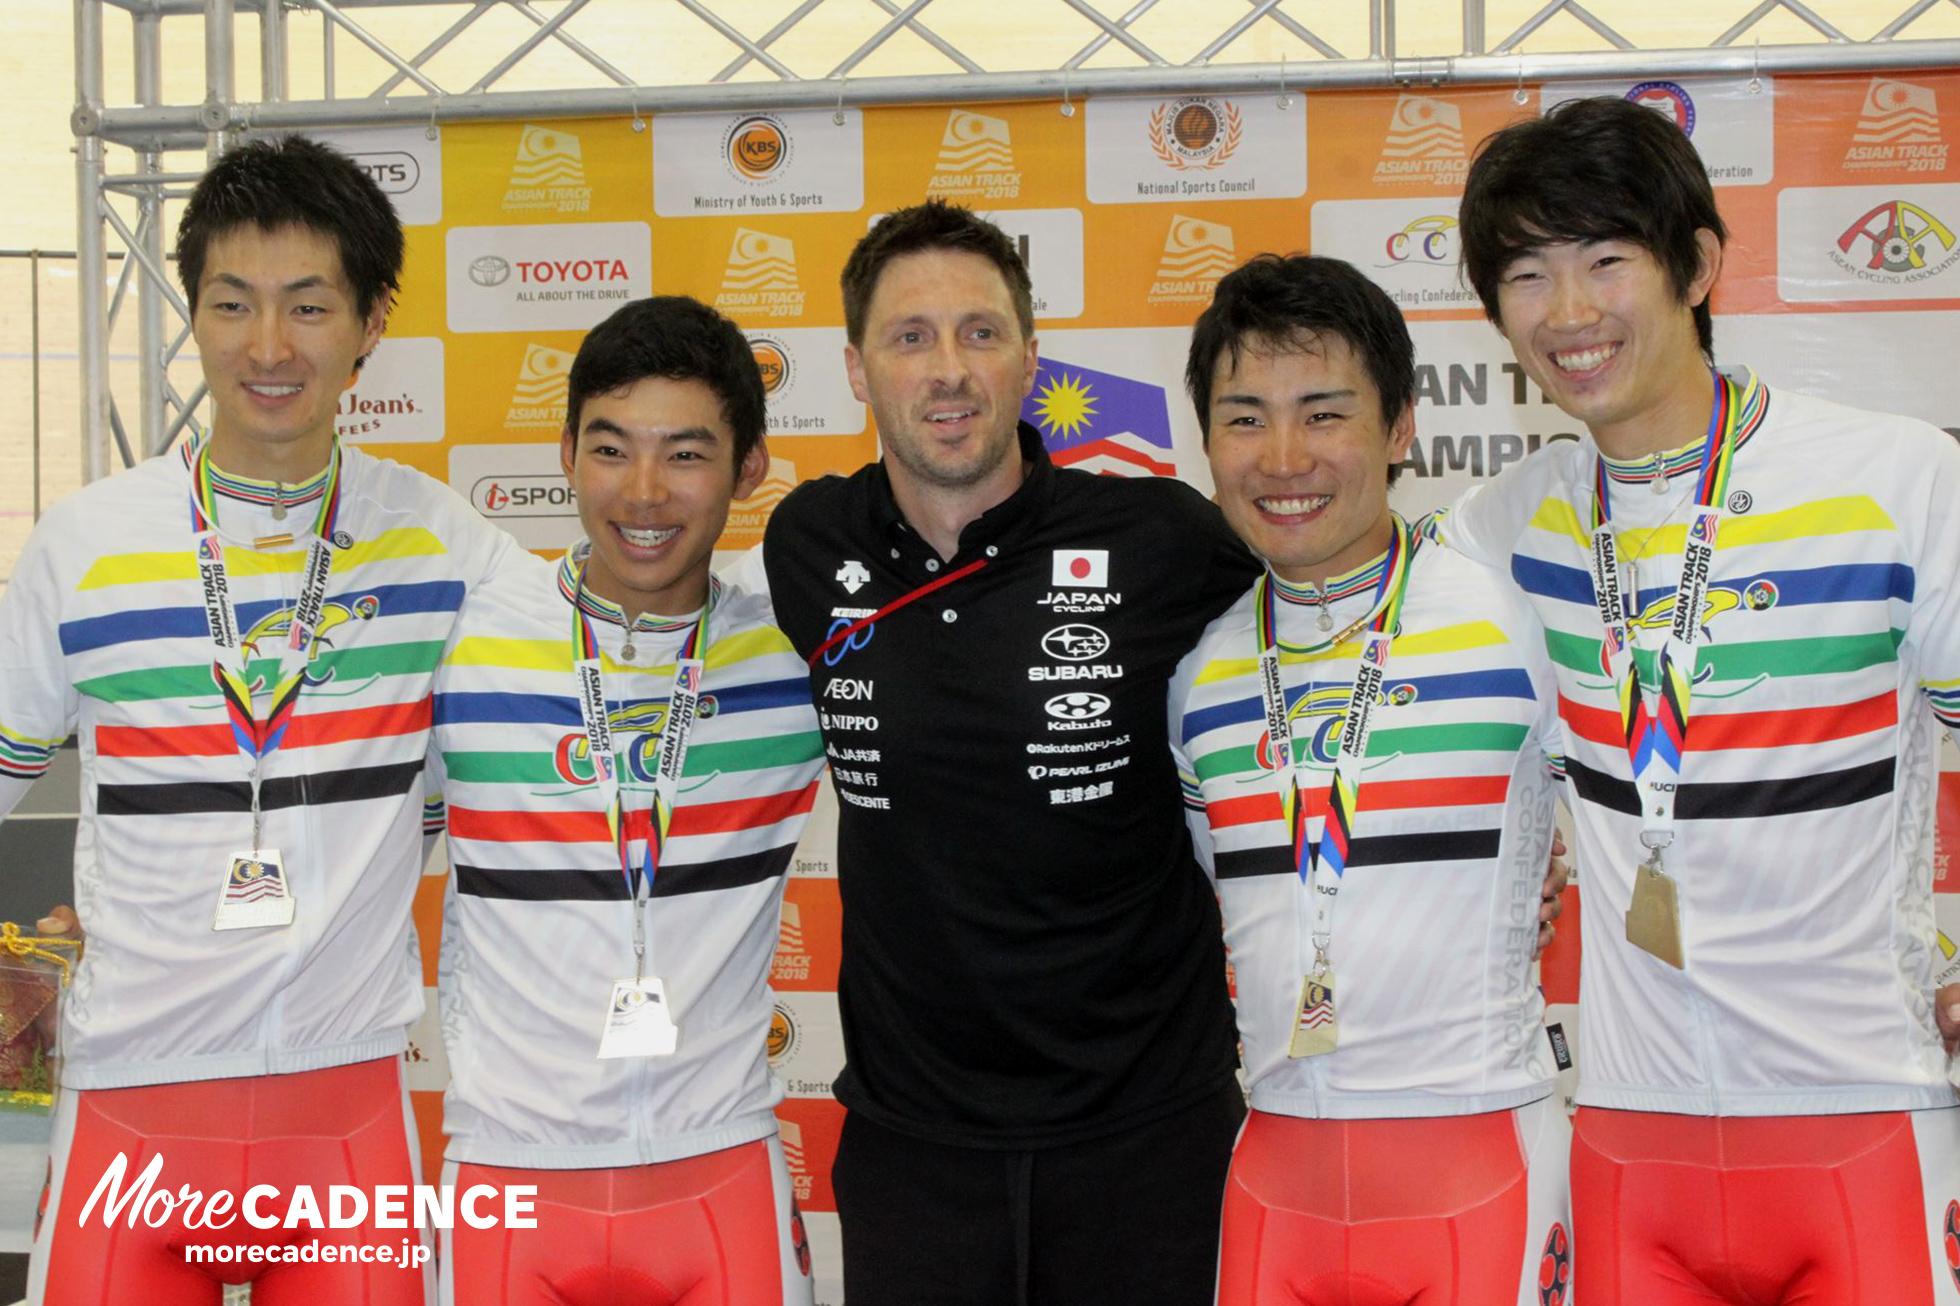 左から近谷涼、今村駿介、イアン・メルビン中距離ヘッドコーチ、一丸尚伍、沢田桂太郎